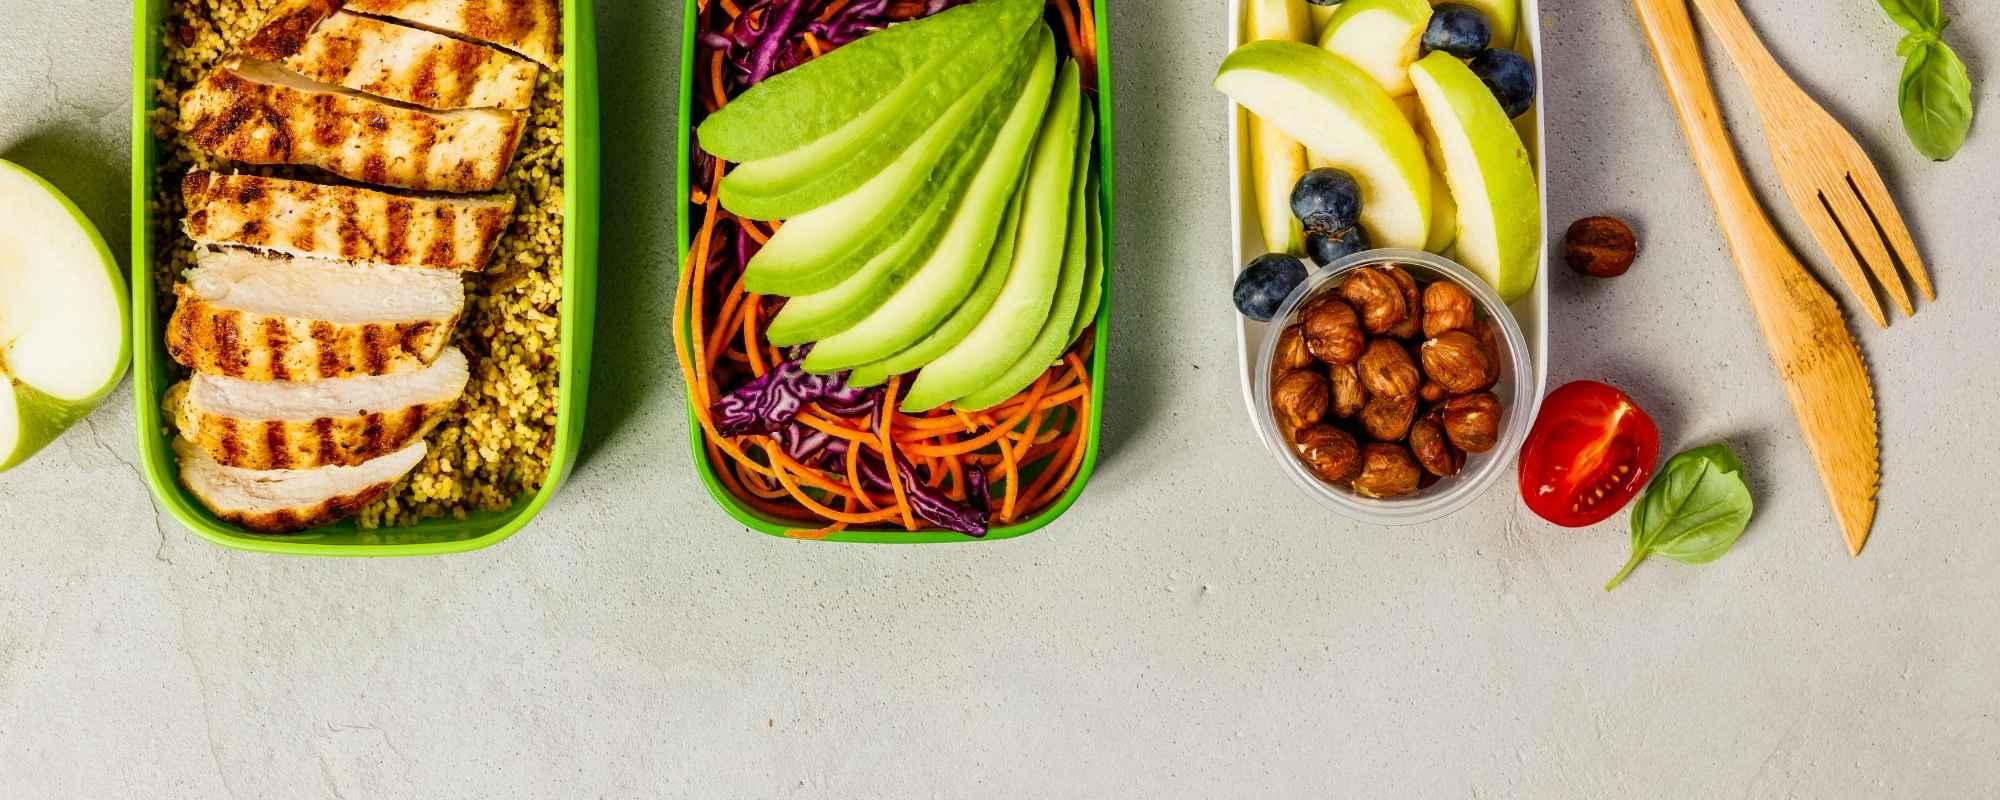 gezonde lunchtrommel